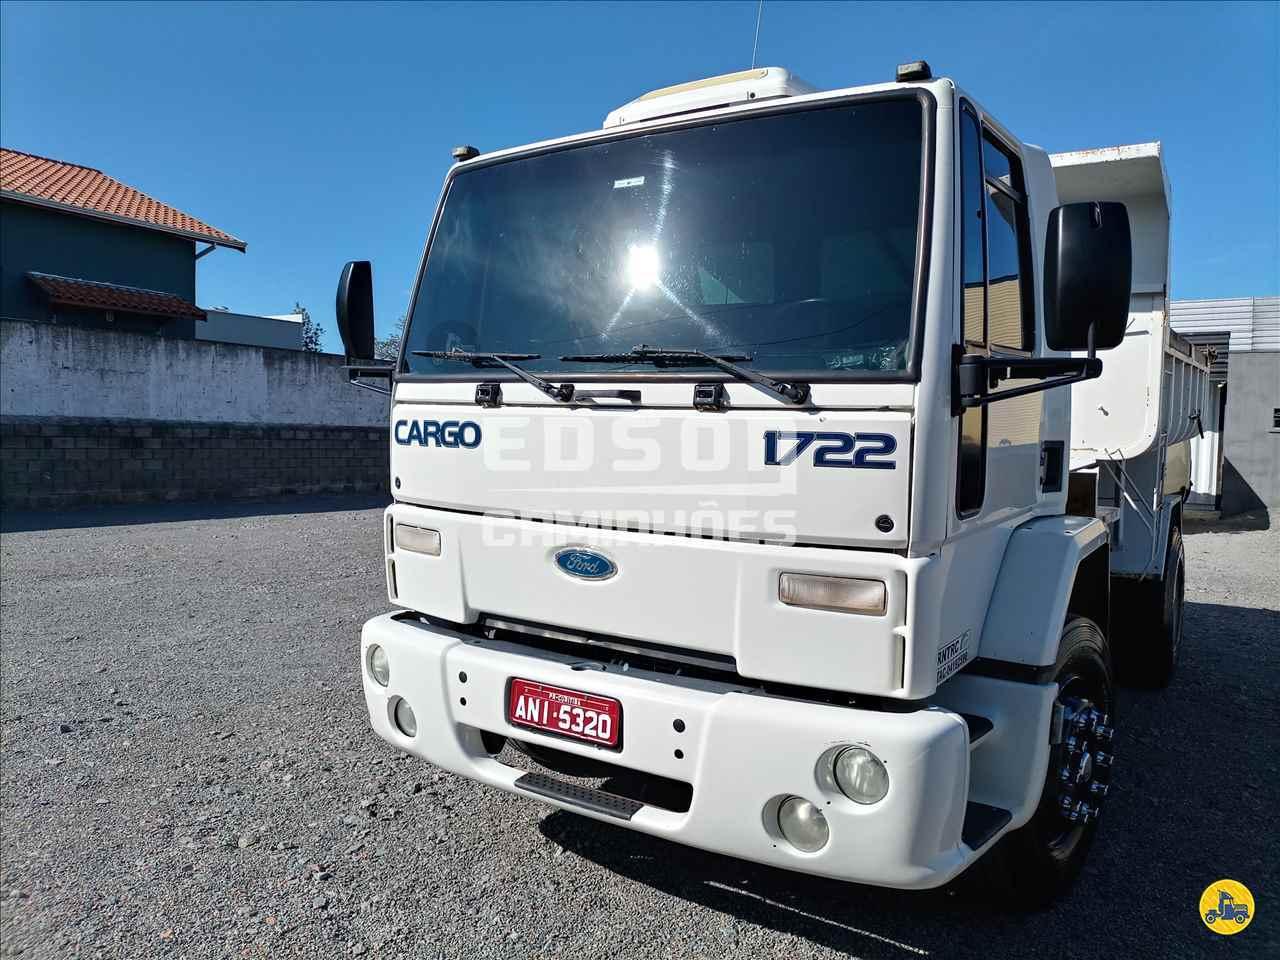 CAMINHAO FORD CARGO 1722 Caçamba Basculante Toco 4x2 Edson Caminhões CURITIBA PARANÁ PR